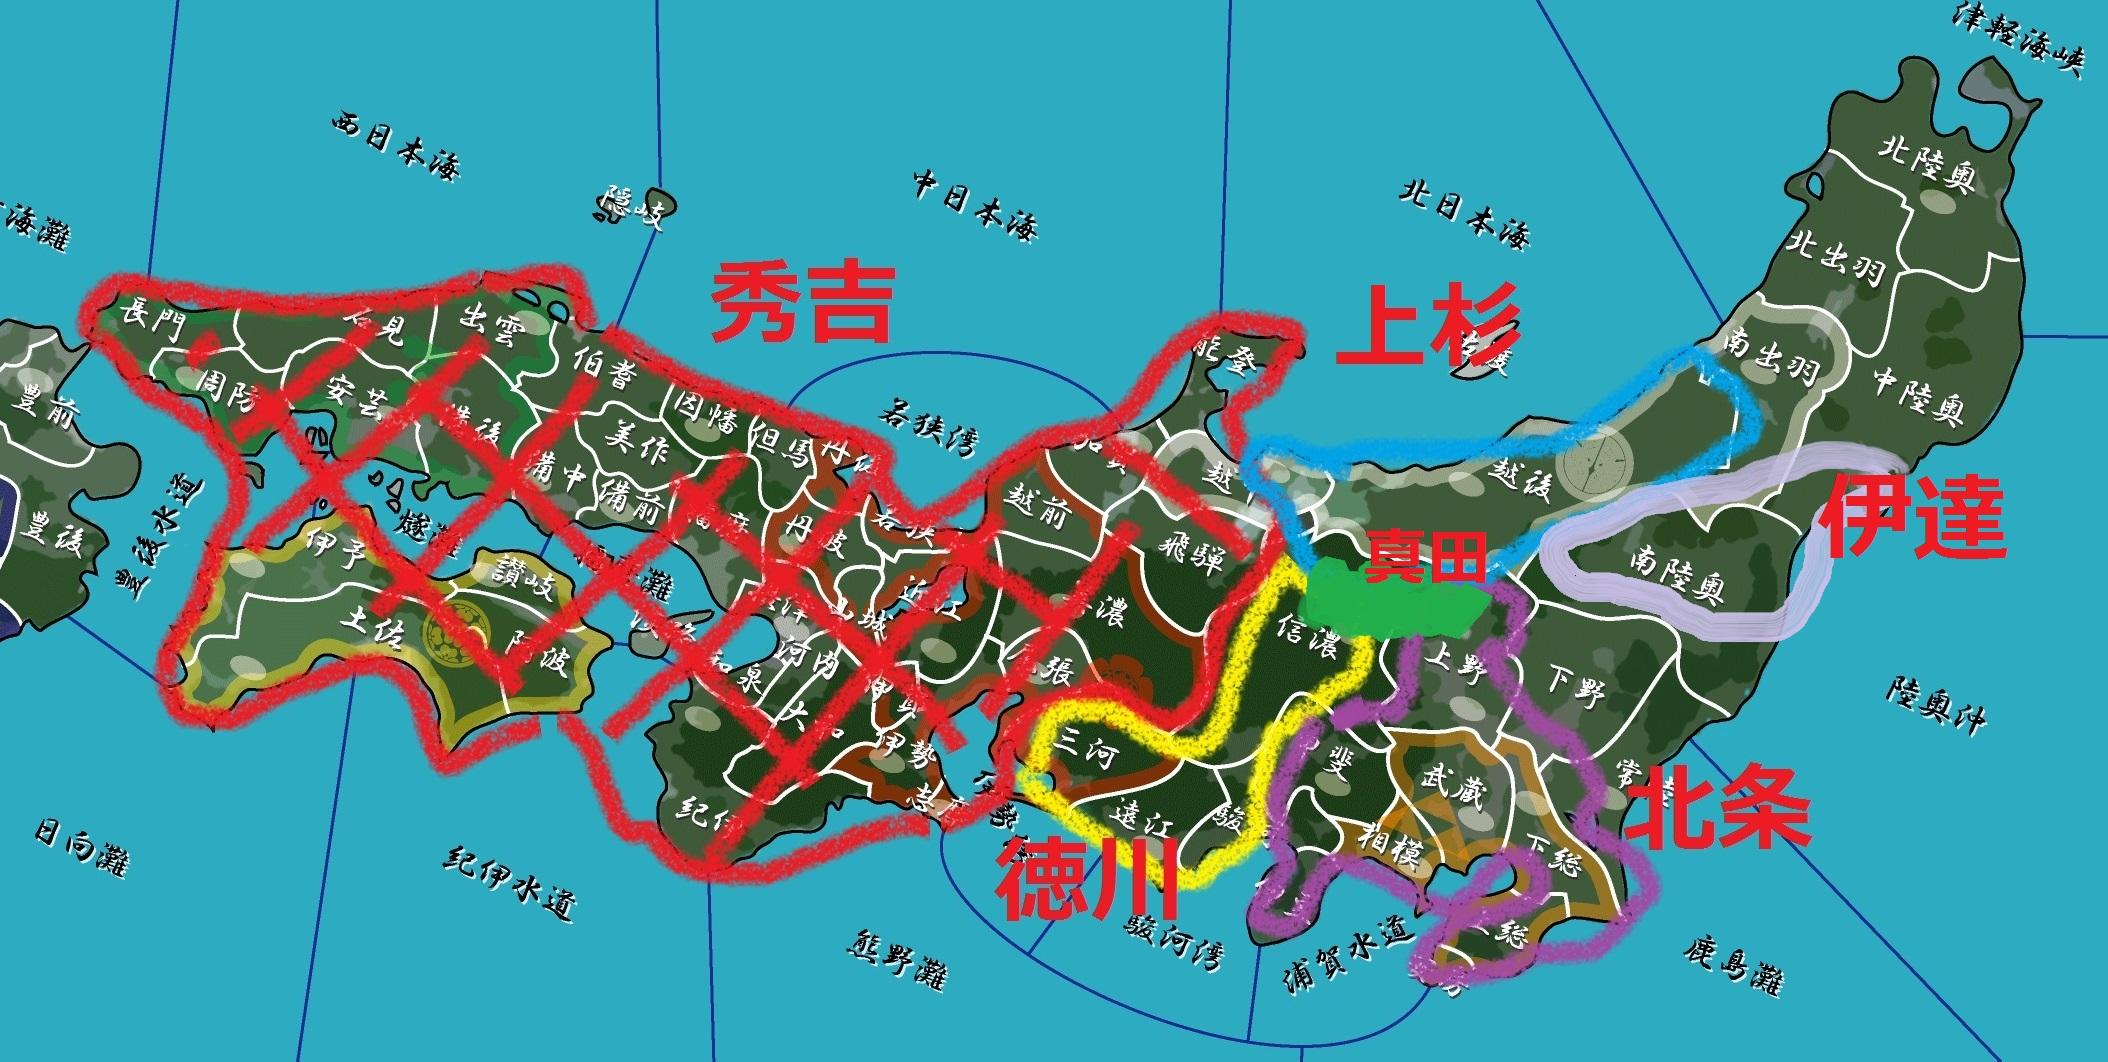 信繁の対秀吉戦略 地図 真田丸